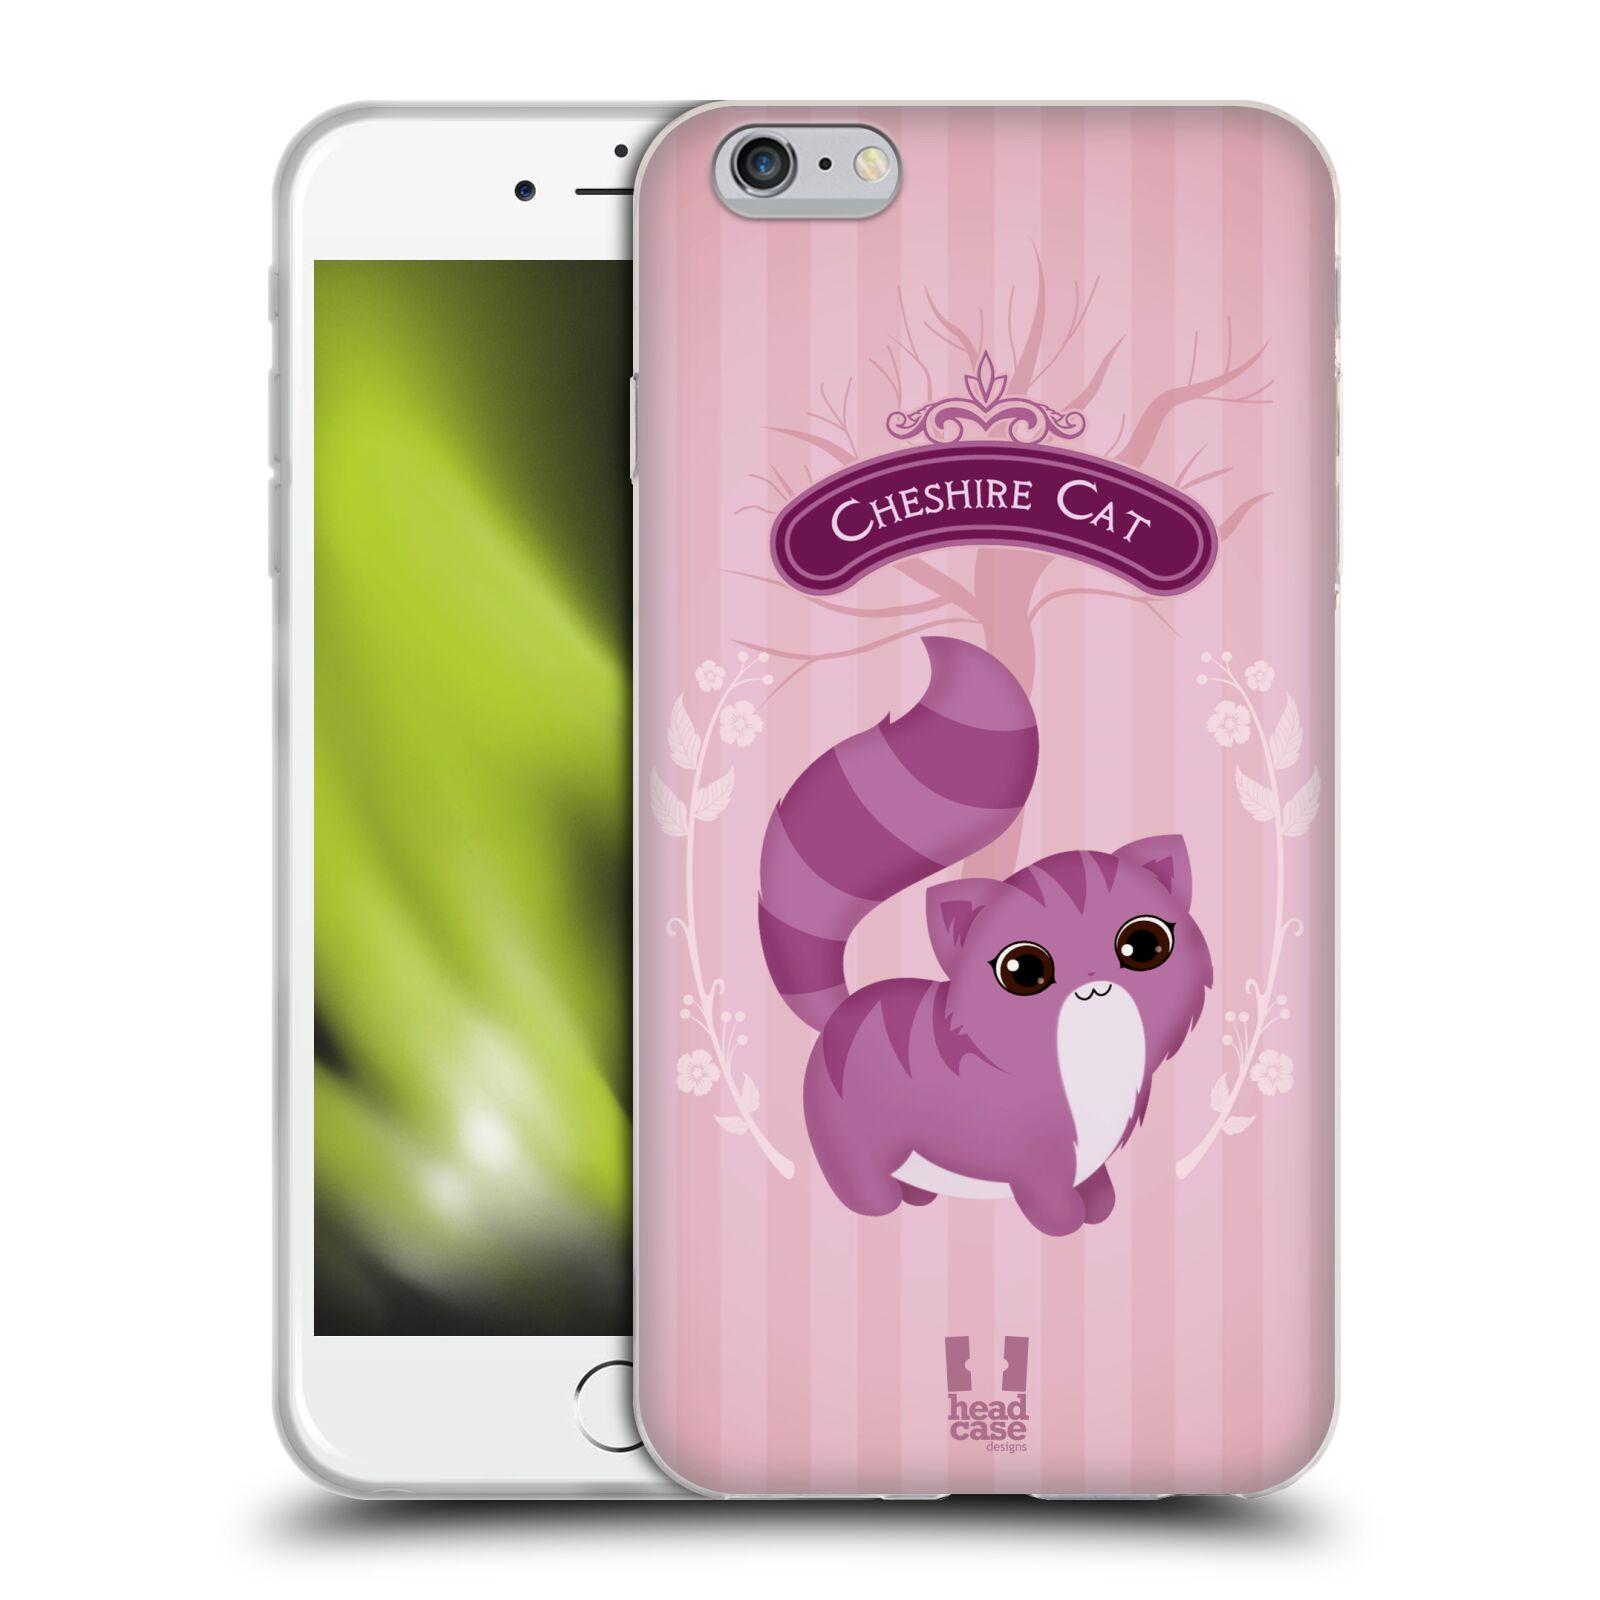 HEAD CASE silikonový obal na mobil Apple Iphone 6 PLUS/ 6S PLUS vzor Alenka v říši divů kočička